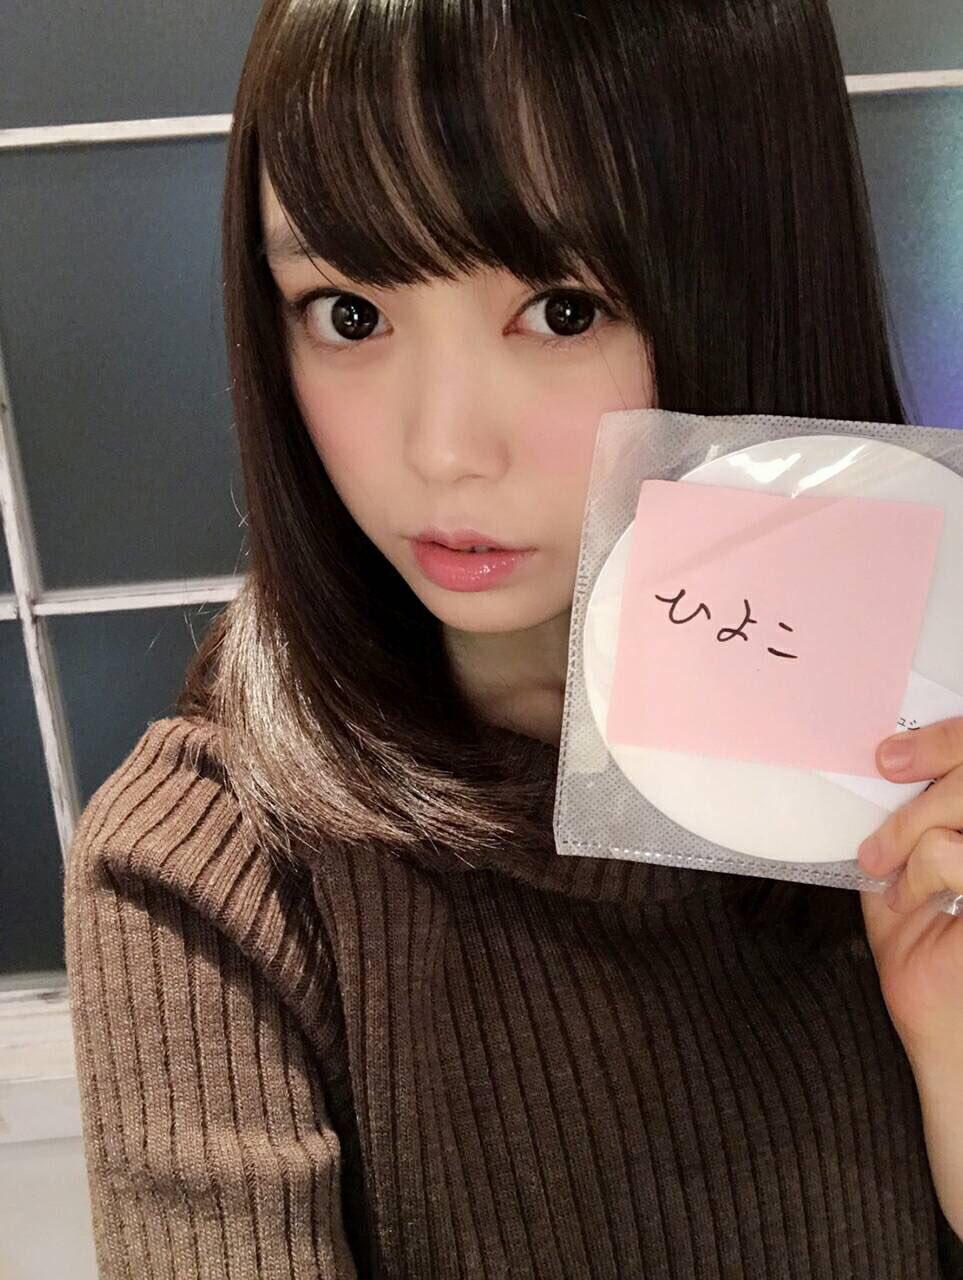 """AKB48 樋渡 結依 on Twitter: """"みなさん!今日もお疲れ様でした😄 もう家かな? 私は今 ..."""